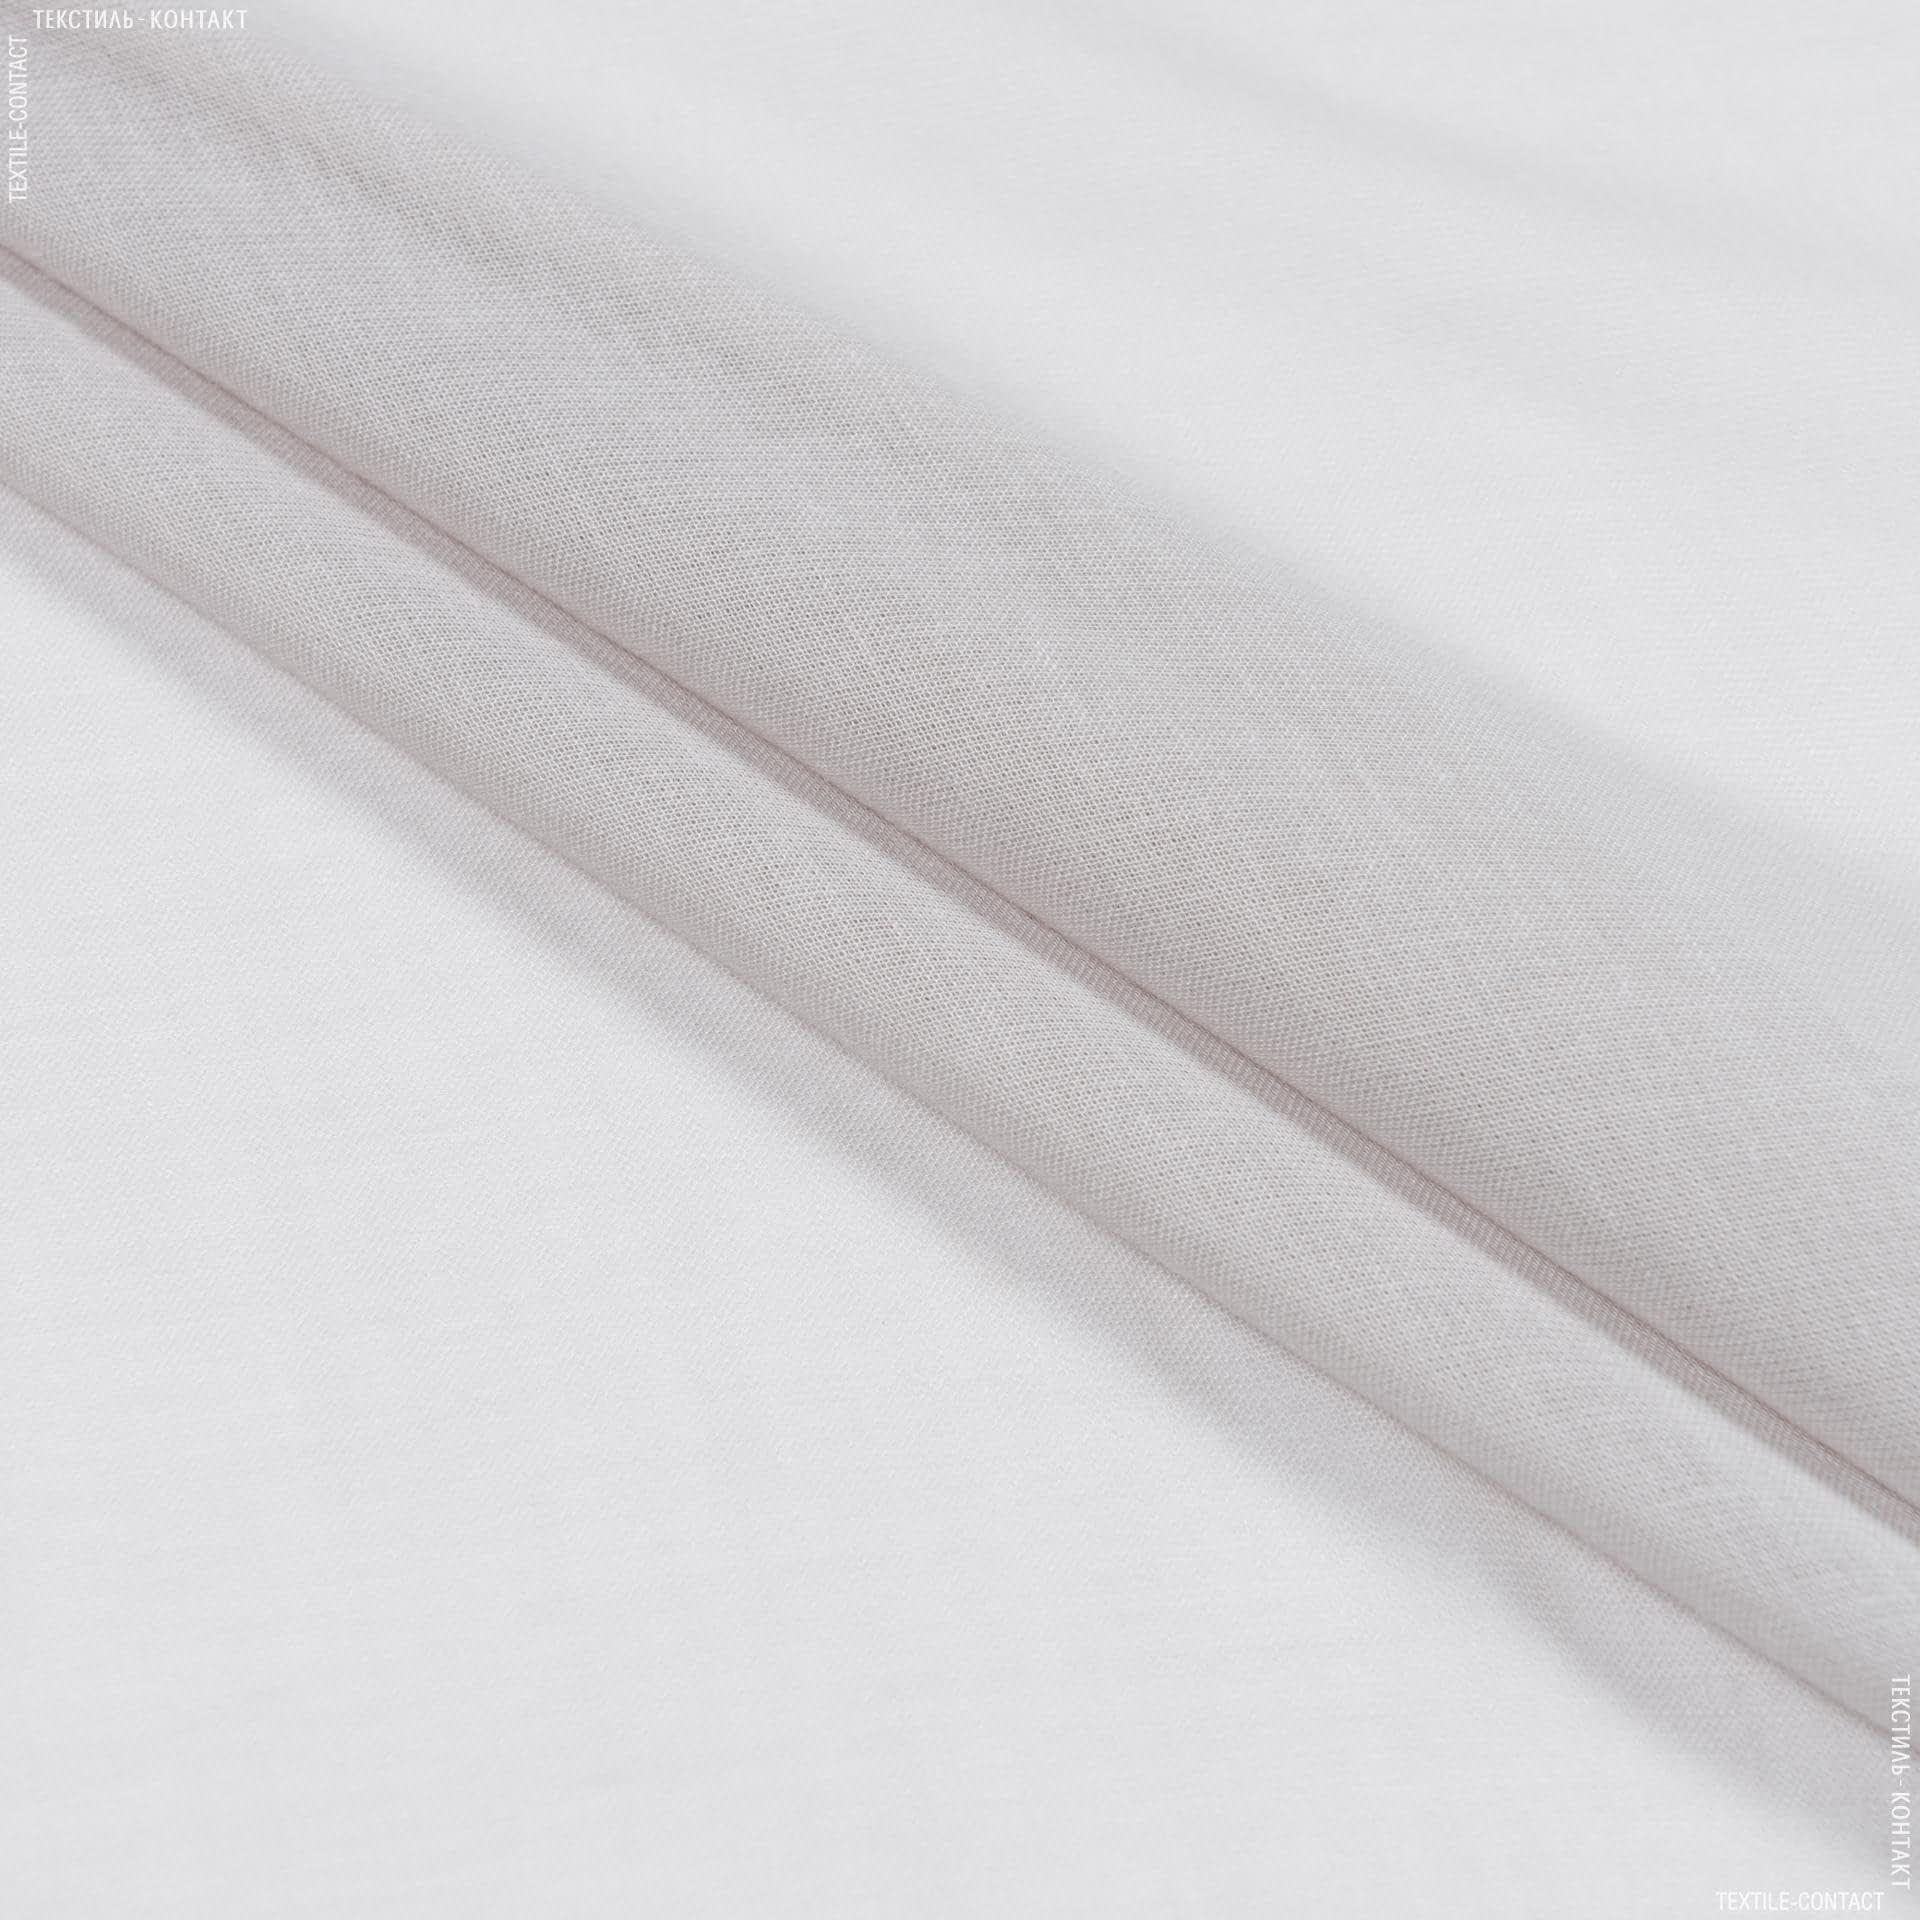 Ткани для драпировки стен и потолков - Тюль батист гавана с утяжелителем св.серый